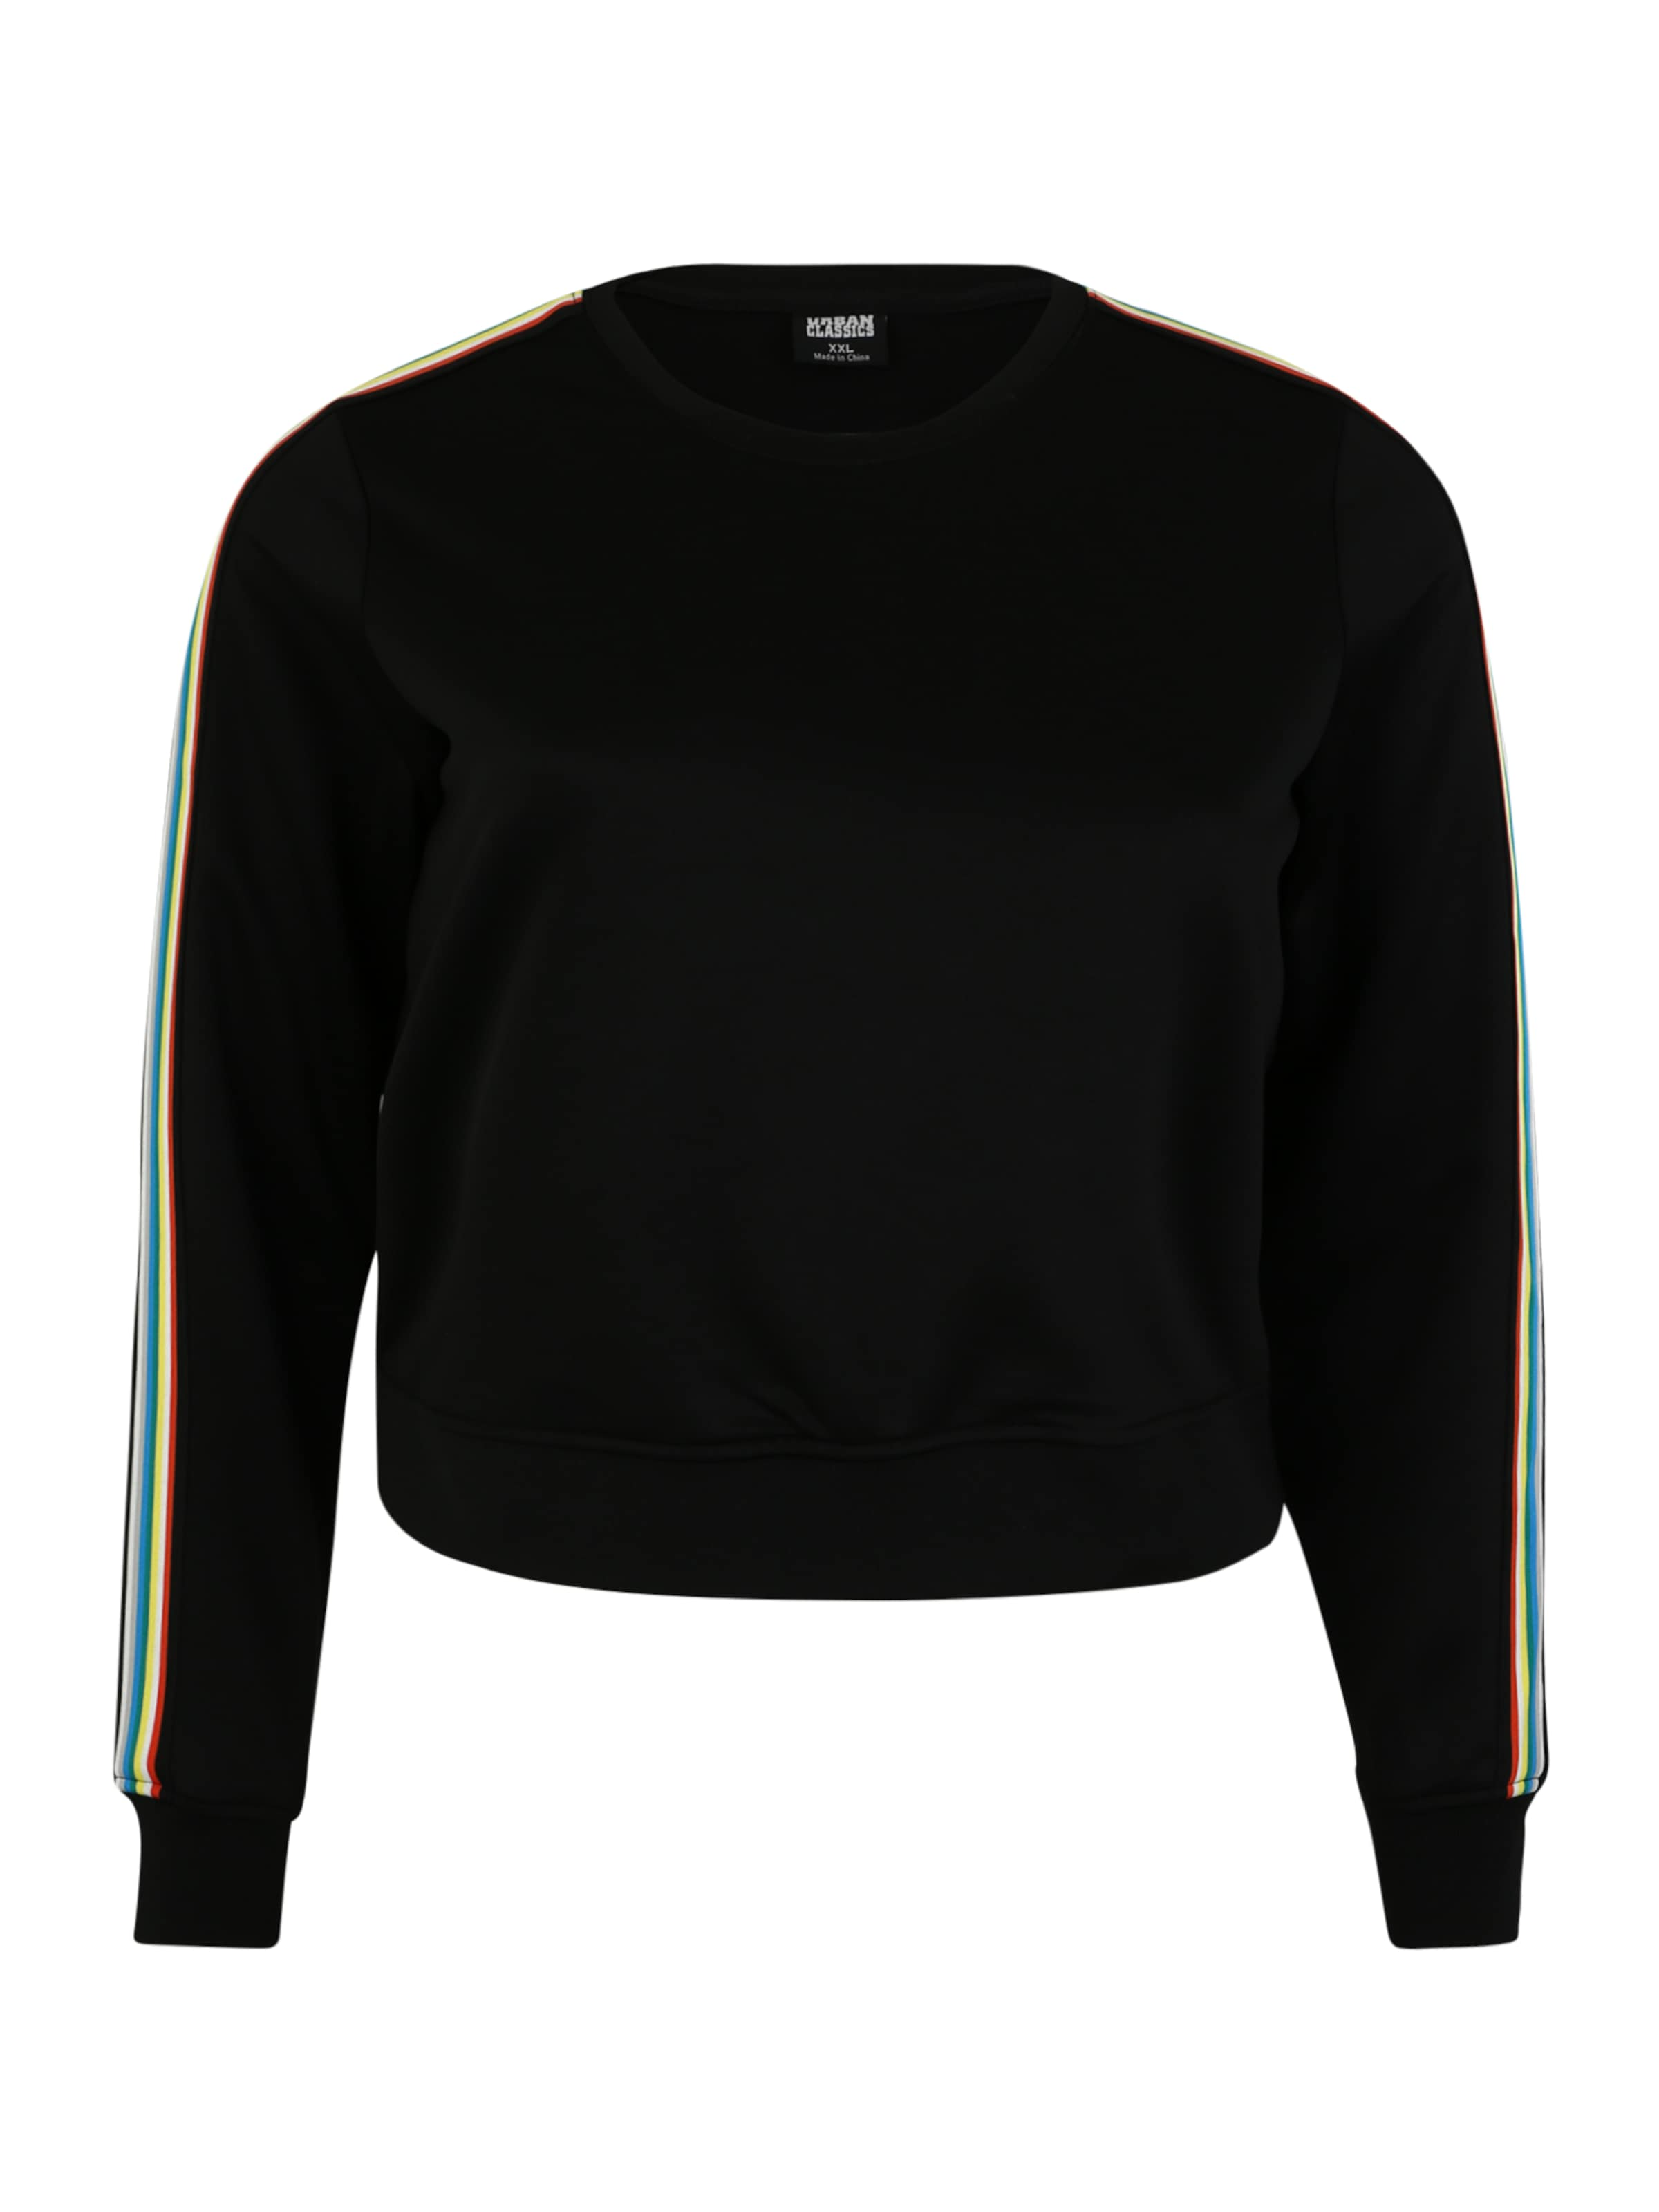 Curvy Urban Classics MischfarbenSchwarz Sweatshirt In hxstQrdC